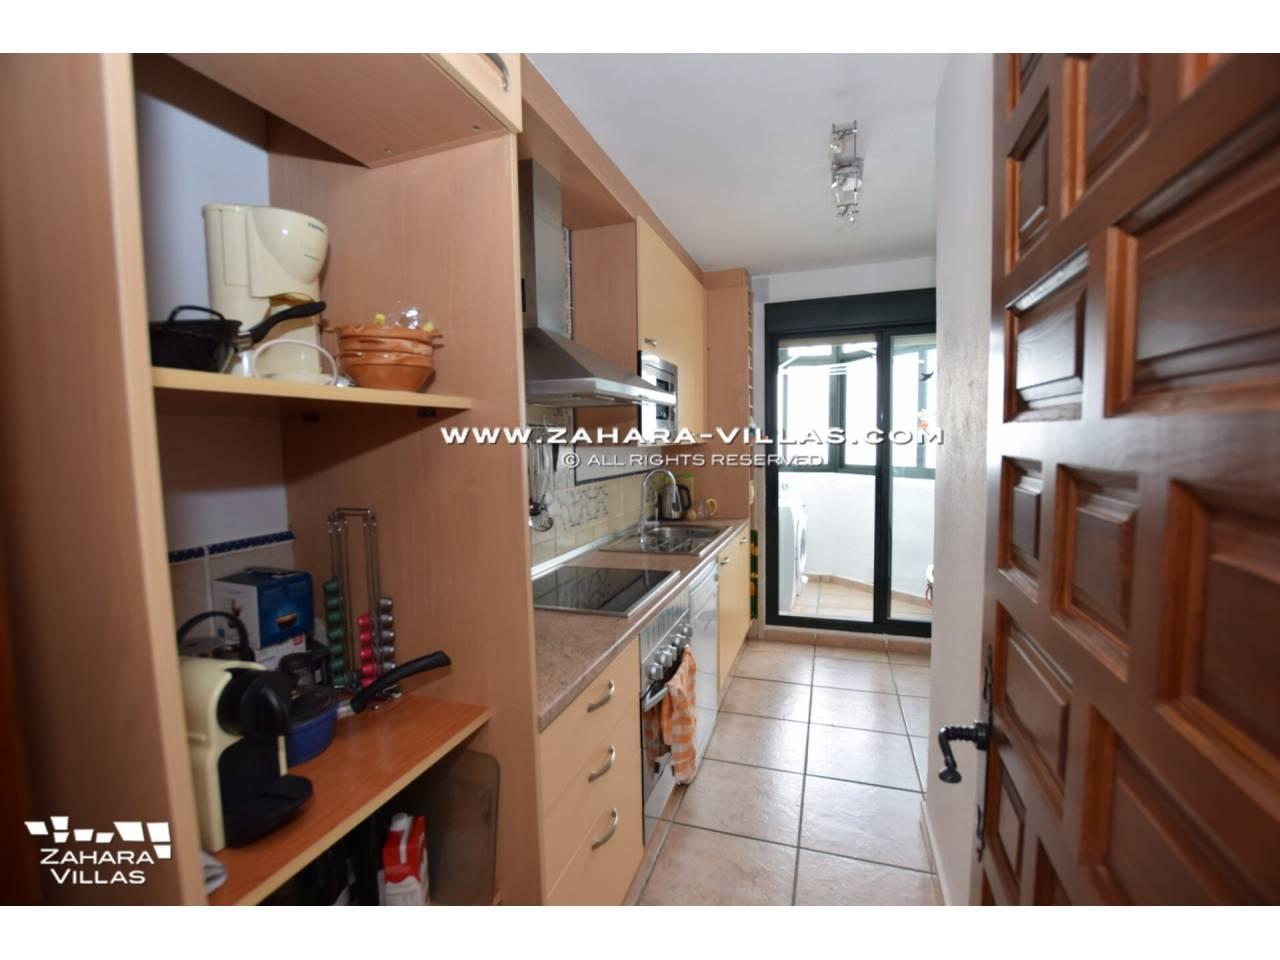 Imagen 40 de Penthouse apartment for sale in Zahara de los Atunes